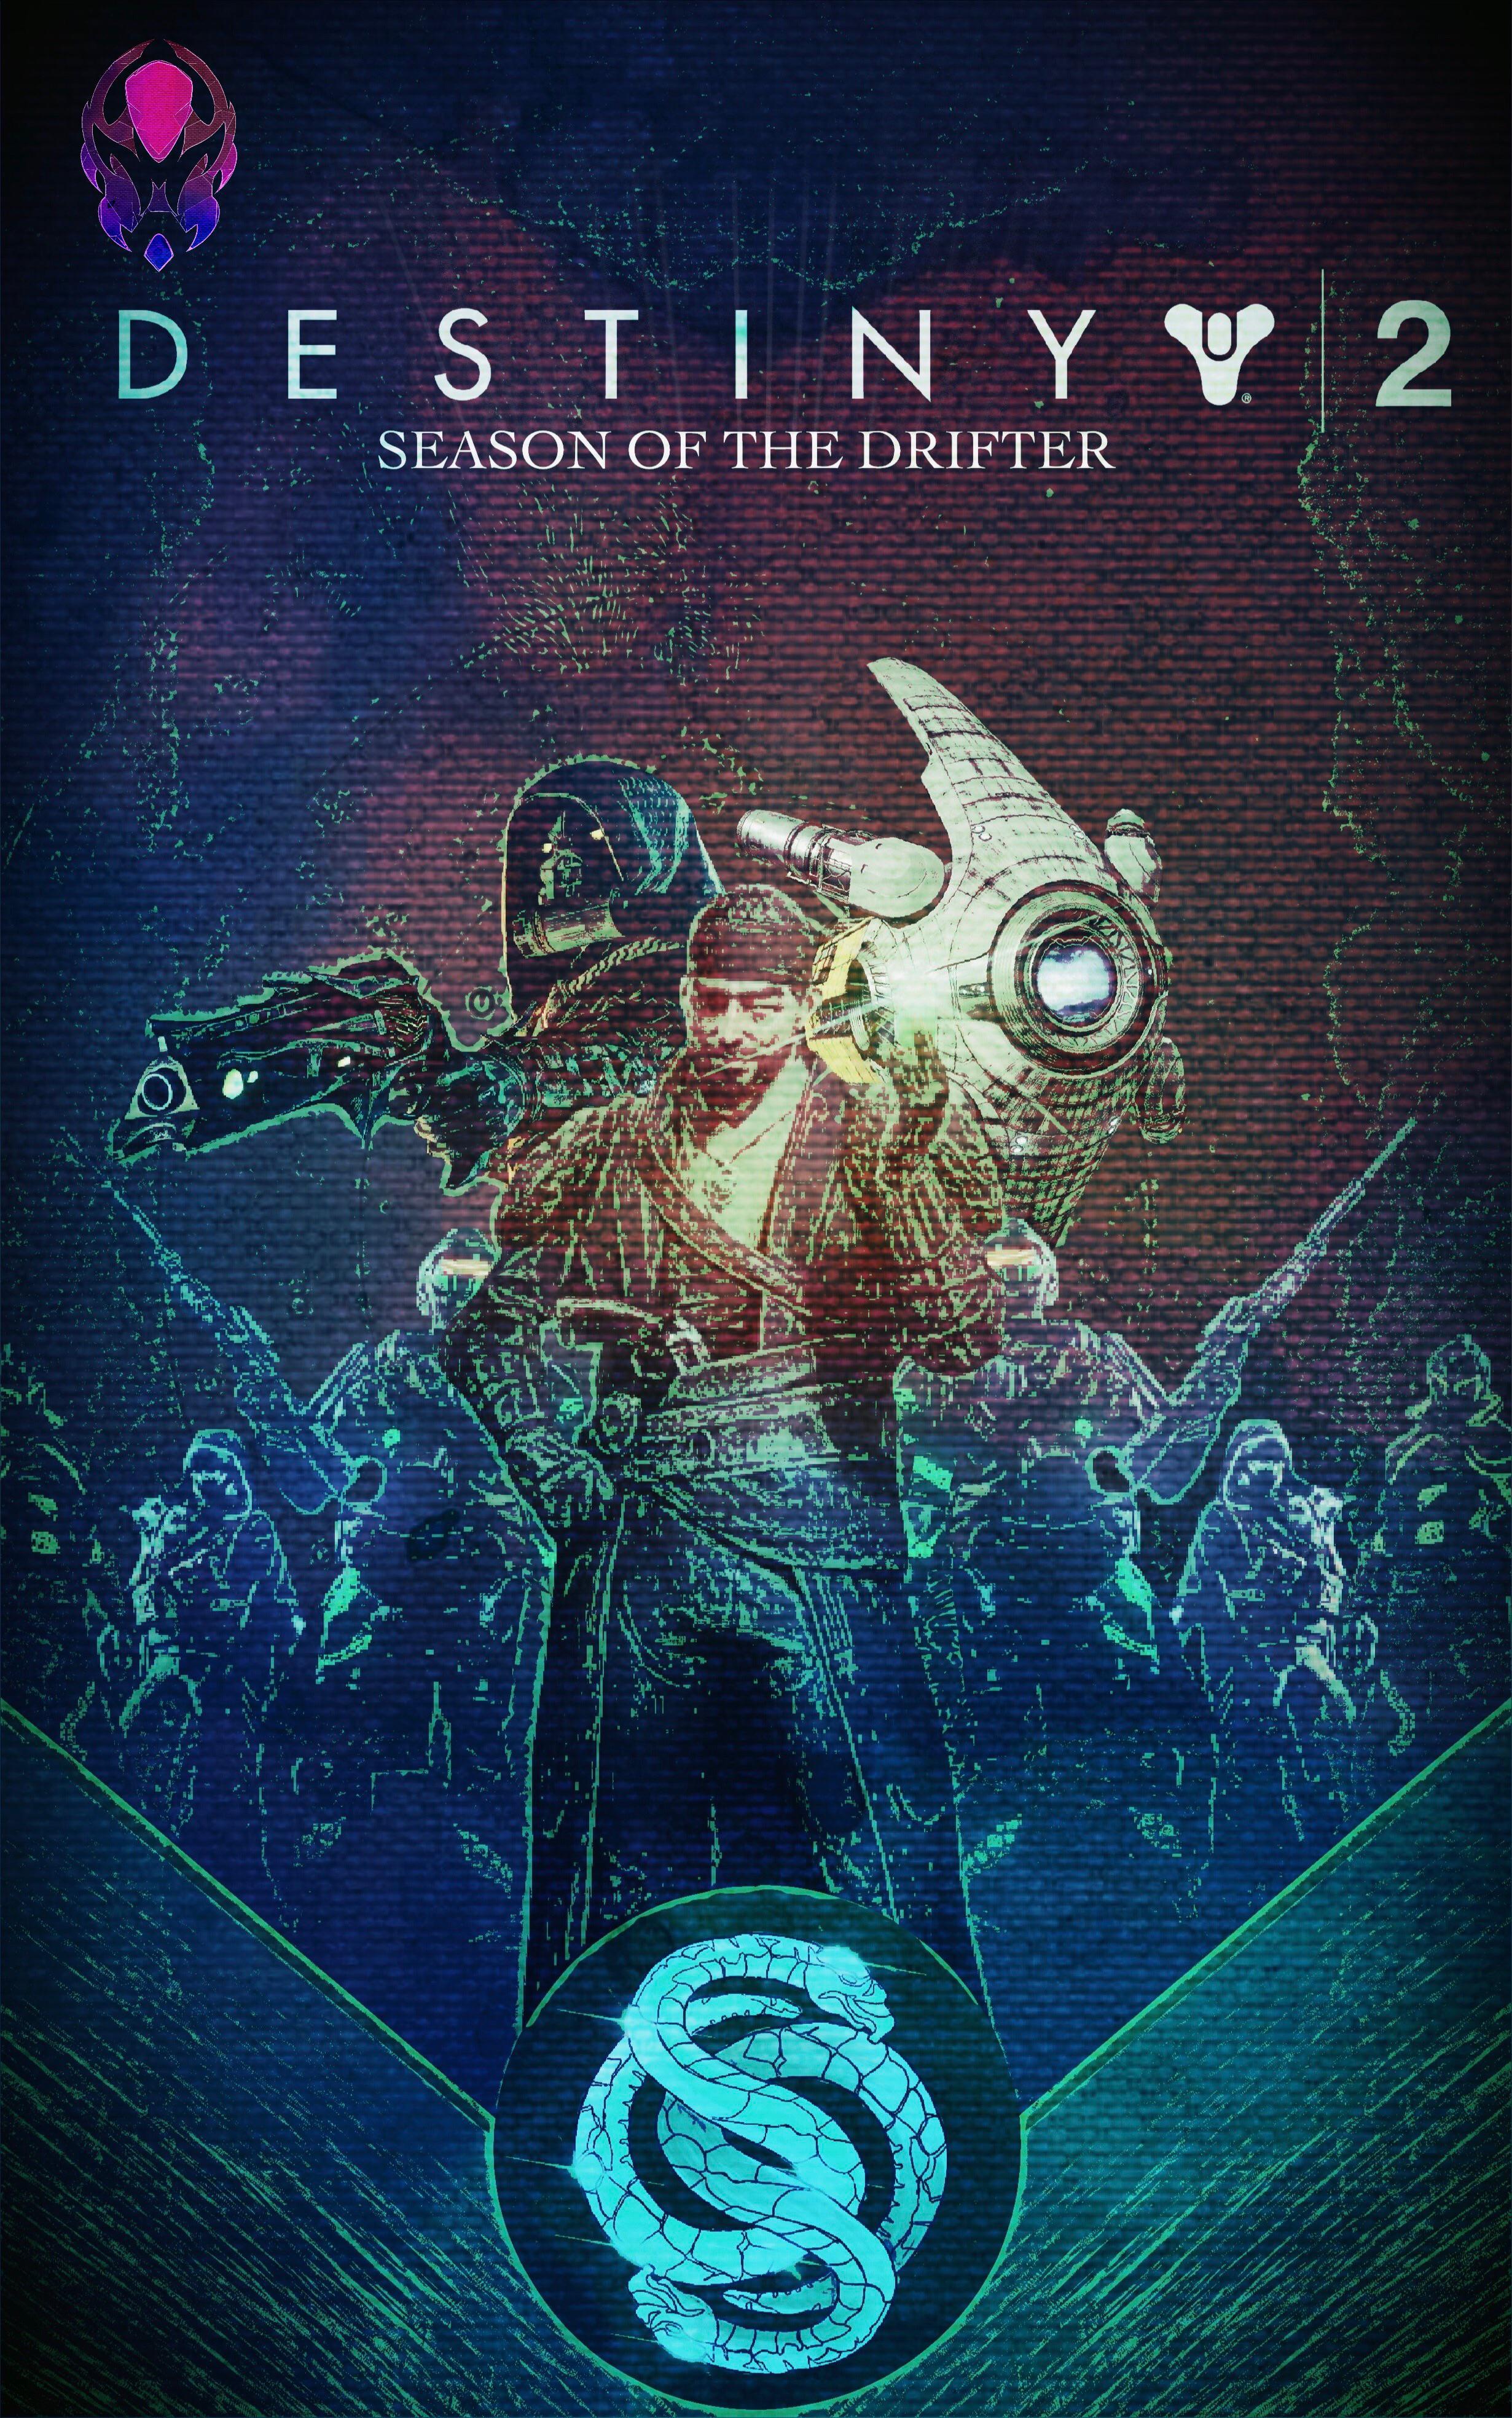 season of the drifter fan art poster